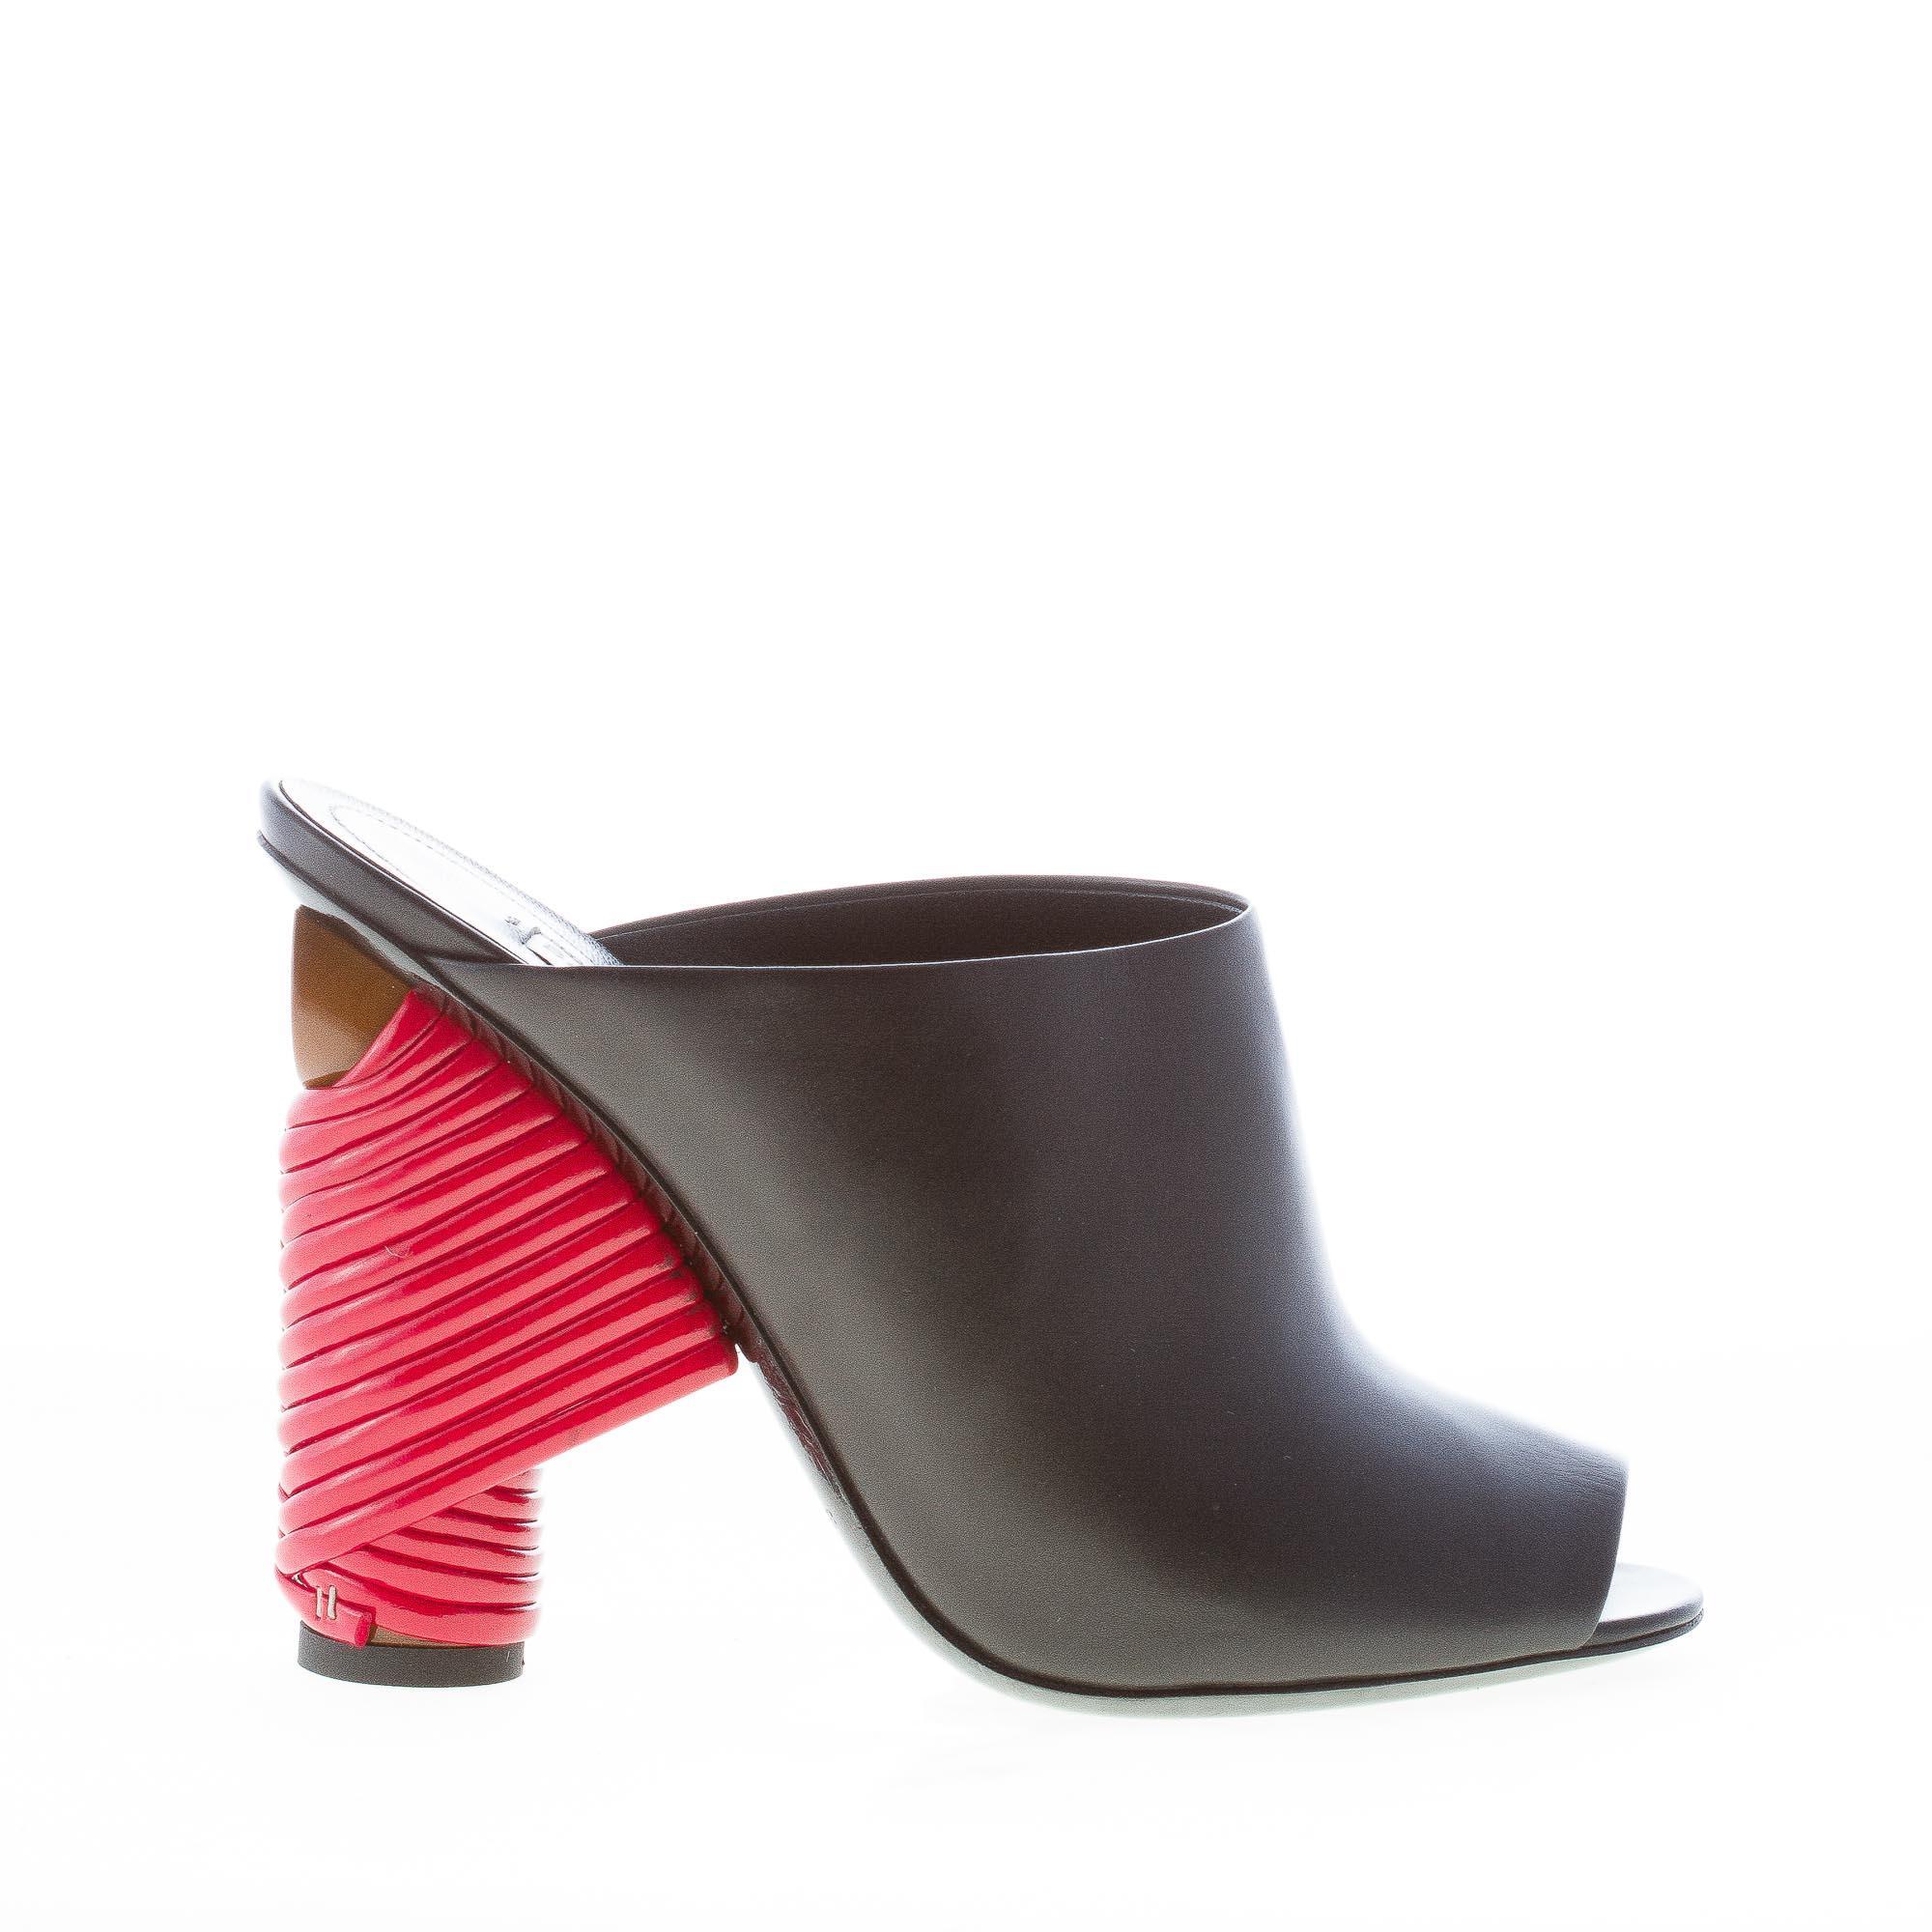 BALENCIAGA donna sandalo slide in pelle NERO con tacco rosso intrecciato. Tacco 11 cm